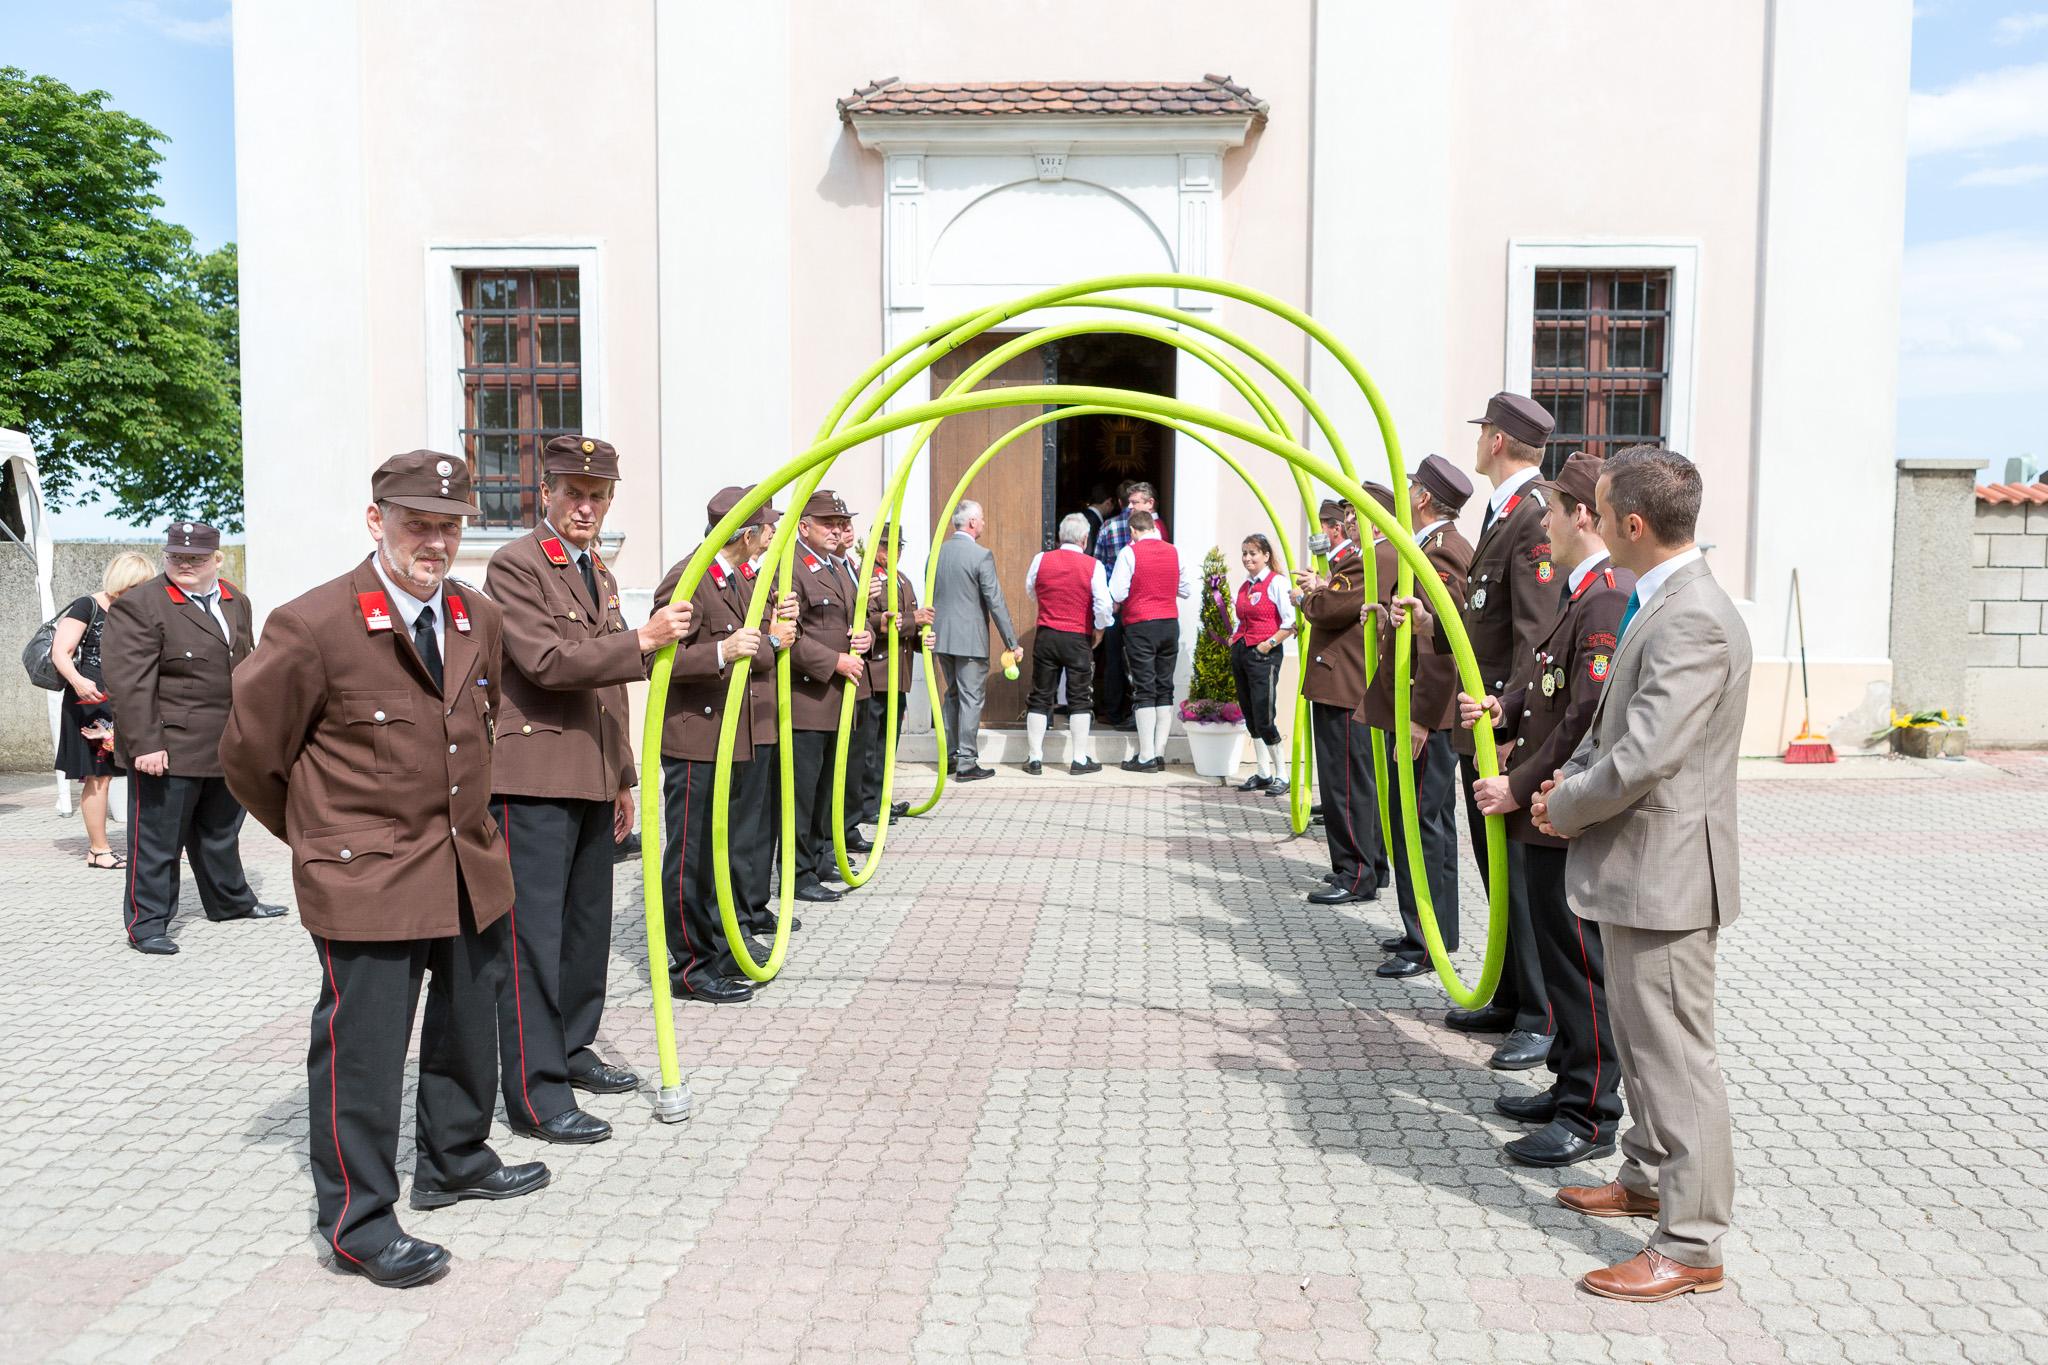 Hochzeit_Monika_Harald_026.jpg